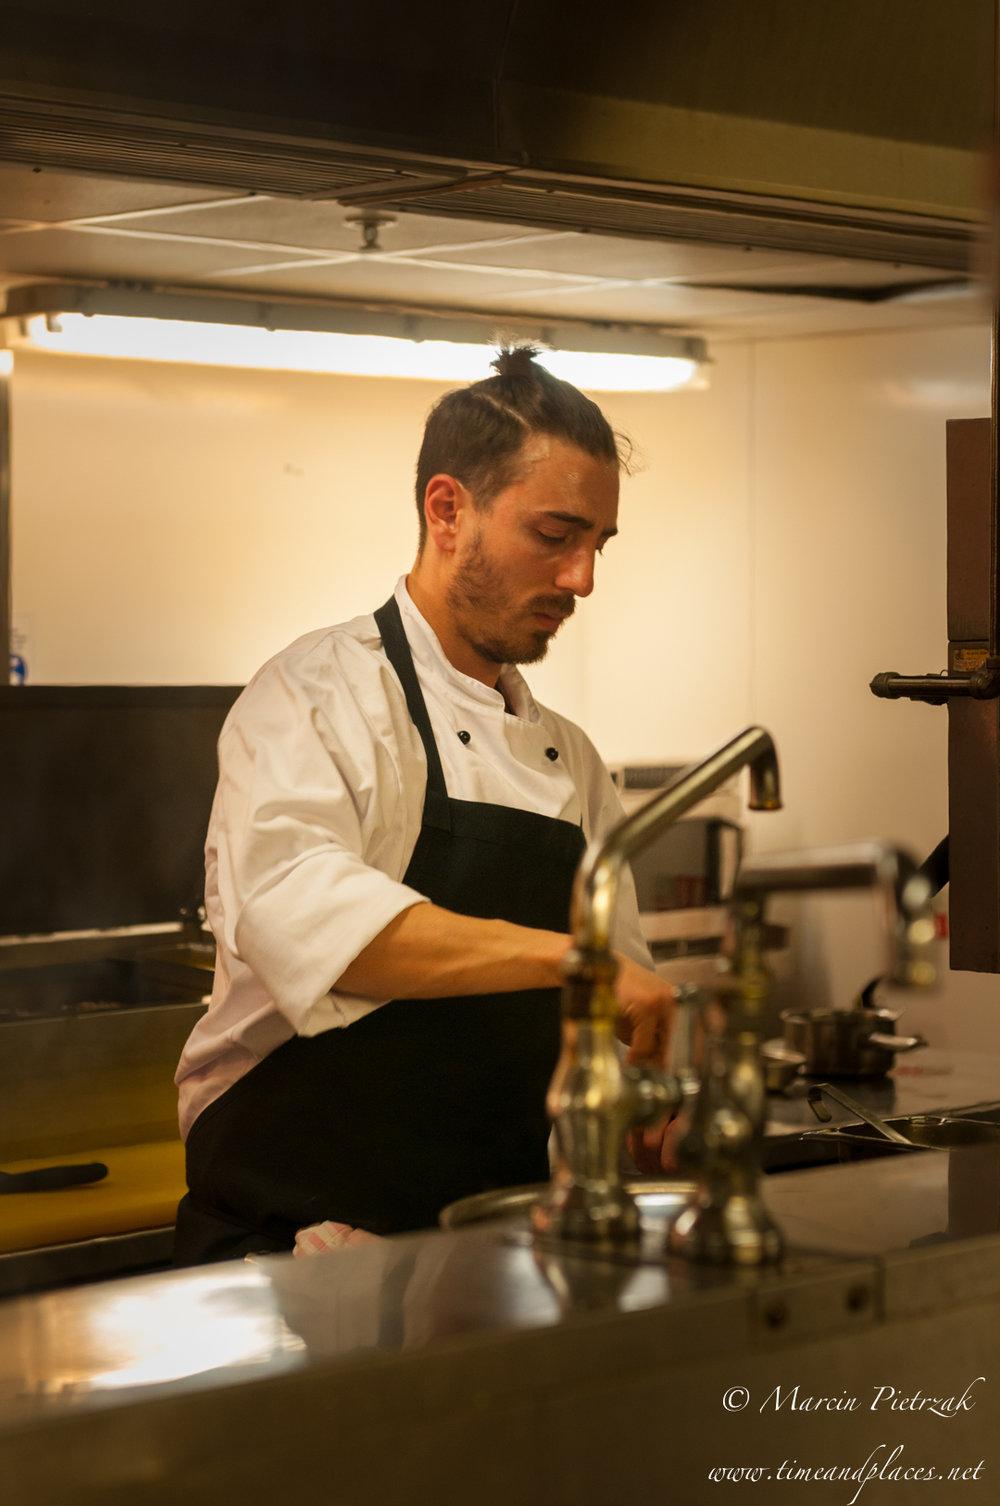 in the kitchen - 2019 - MAR_6074.jpg